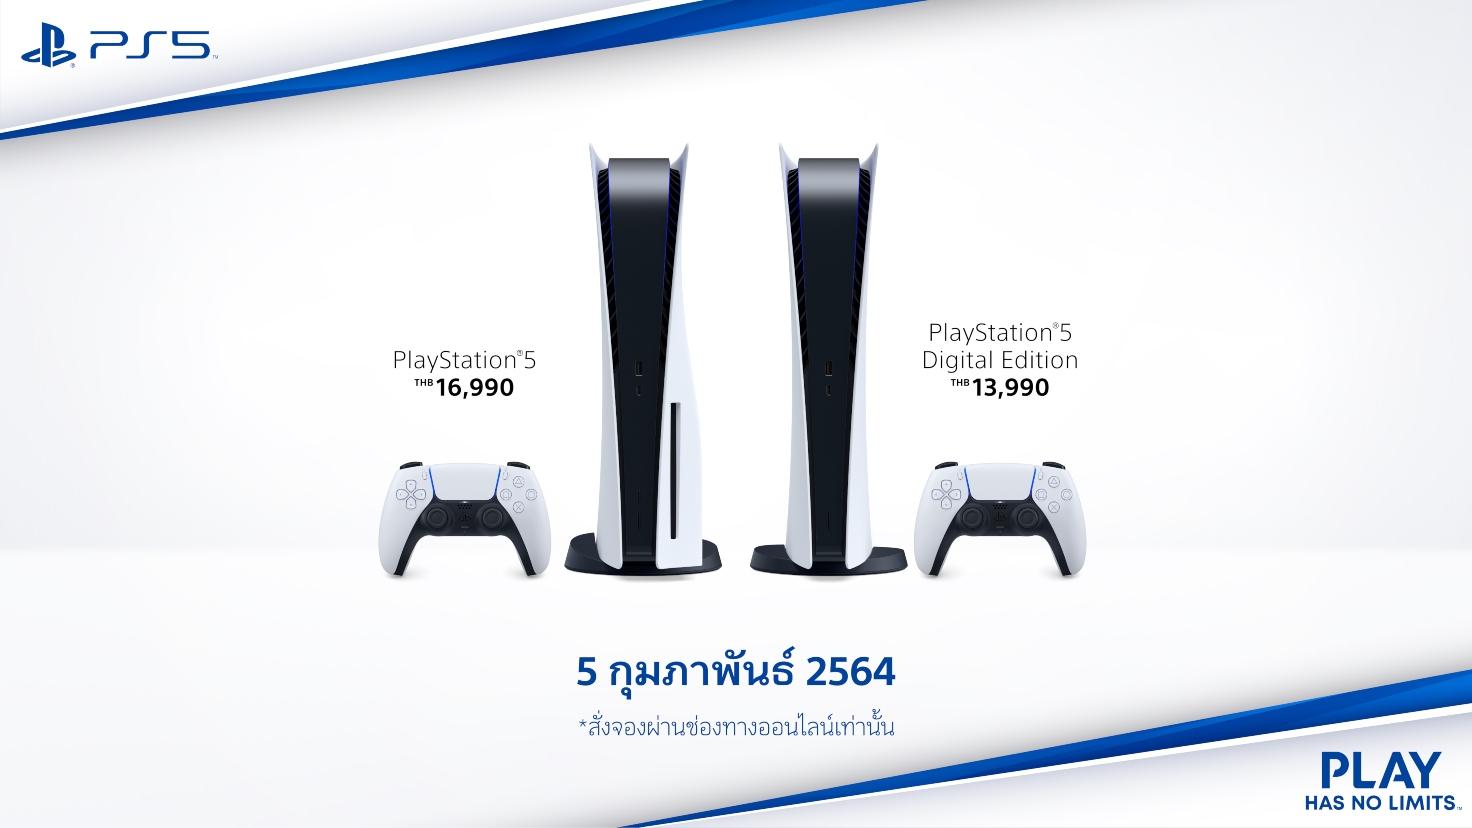 ราคา PS5 ในประเทศไทย